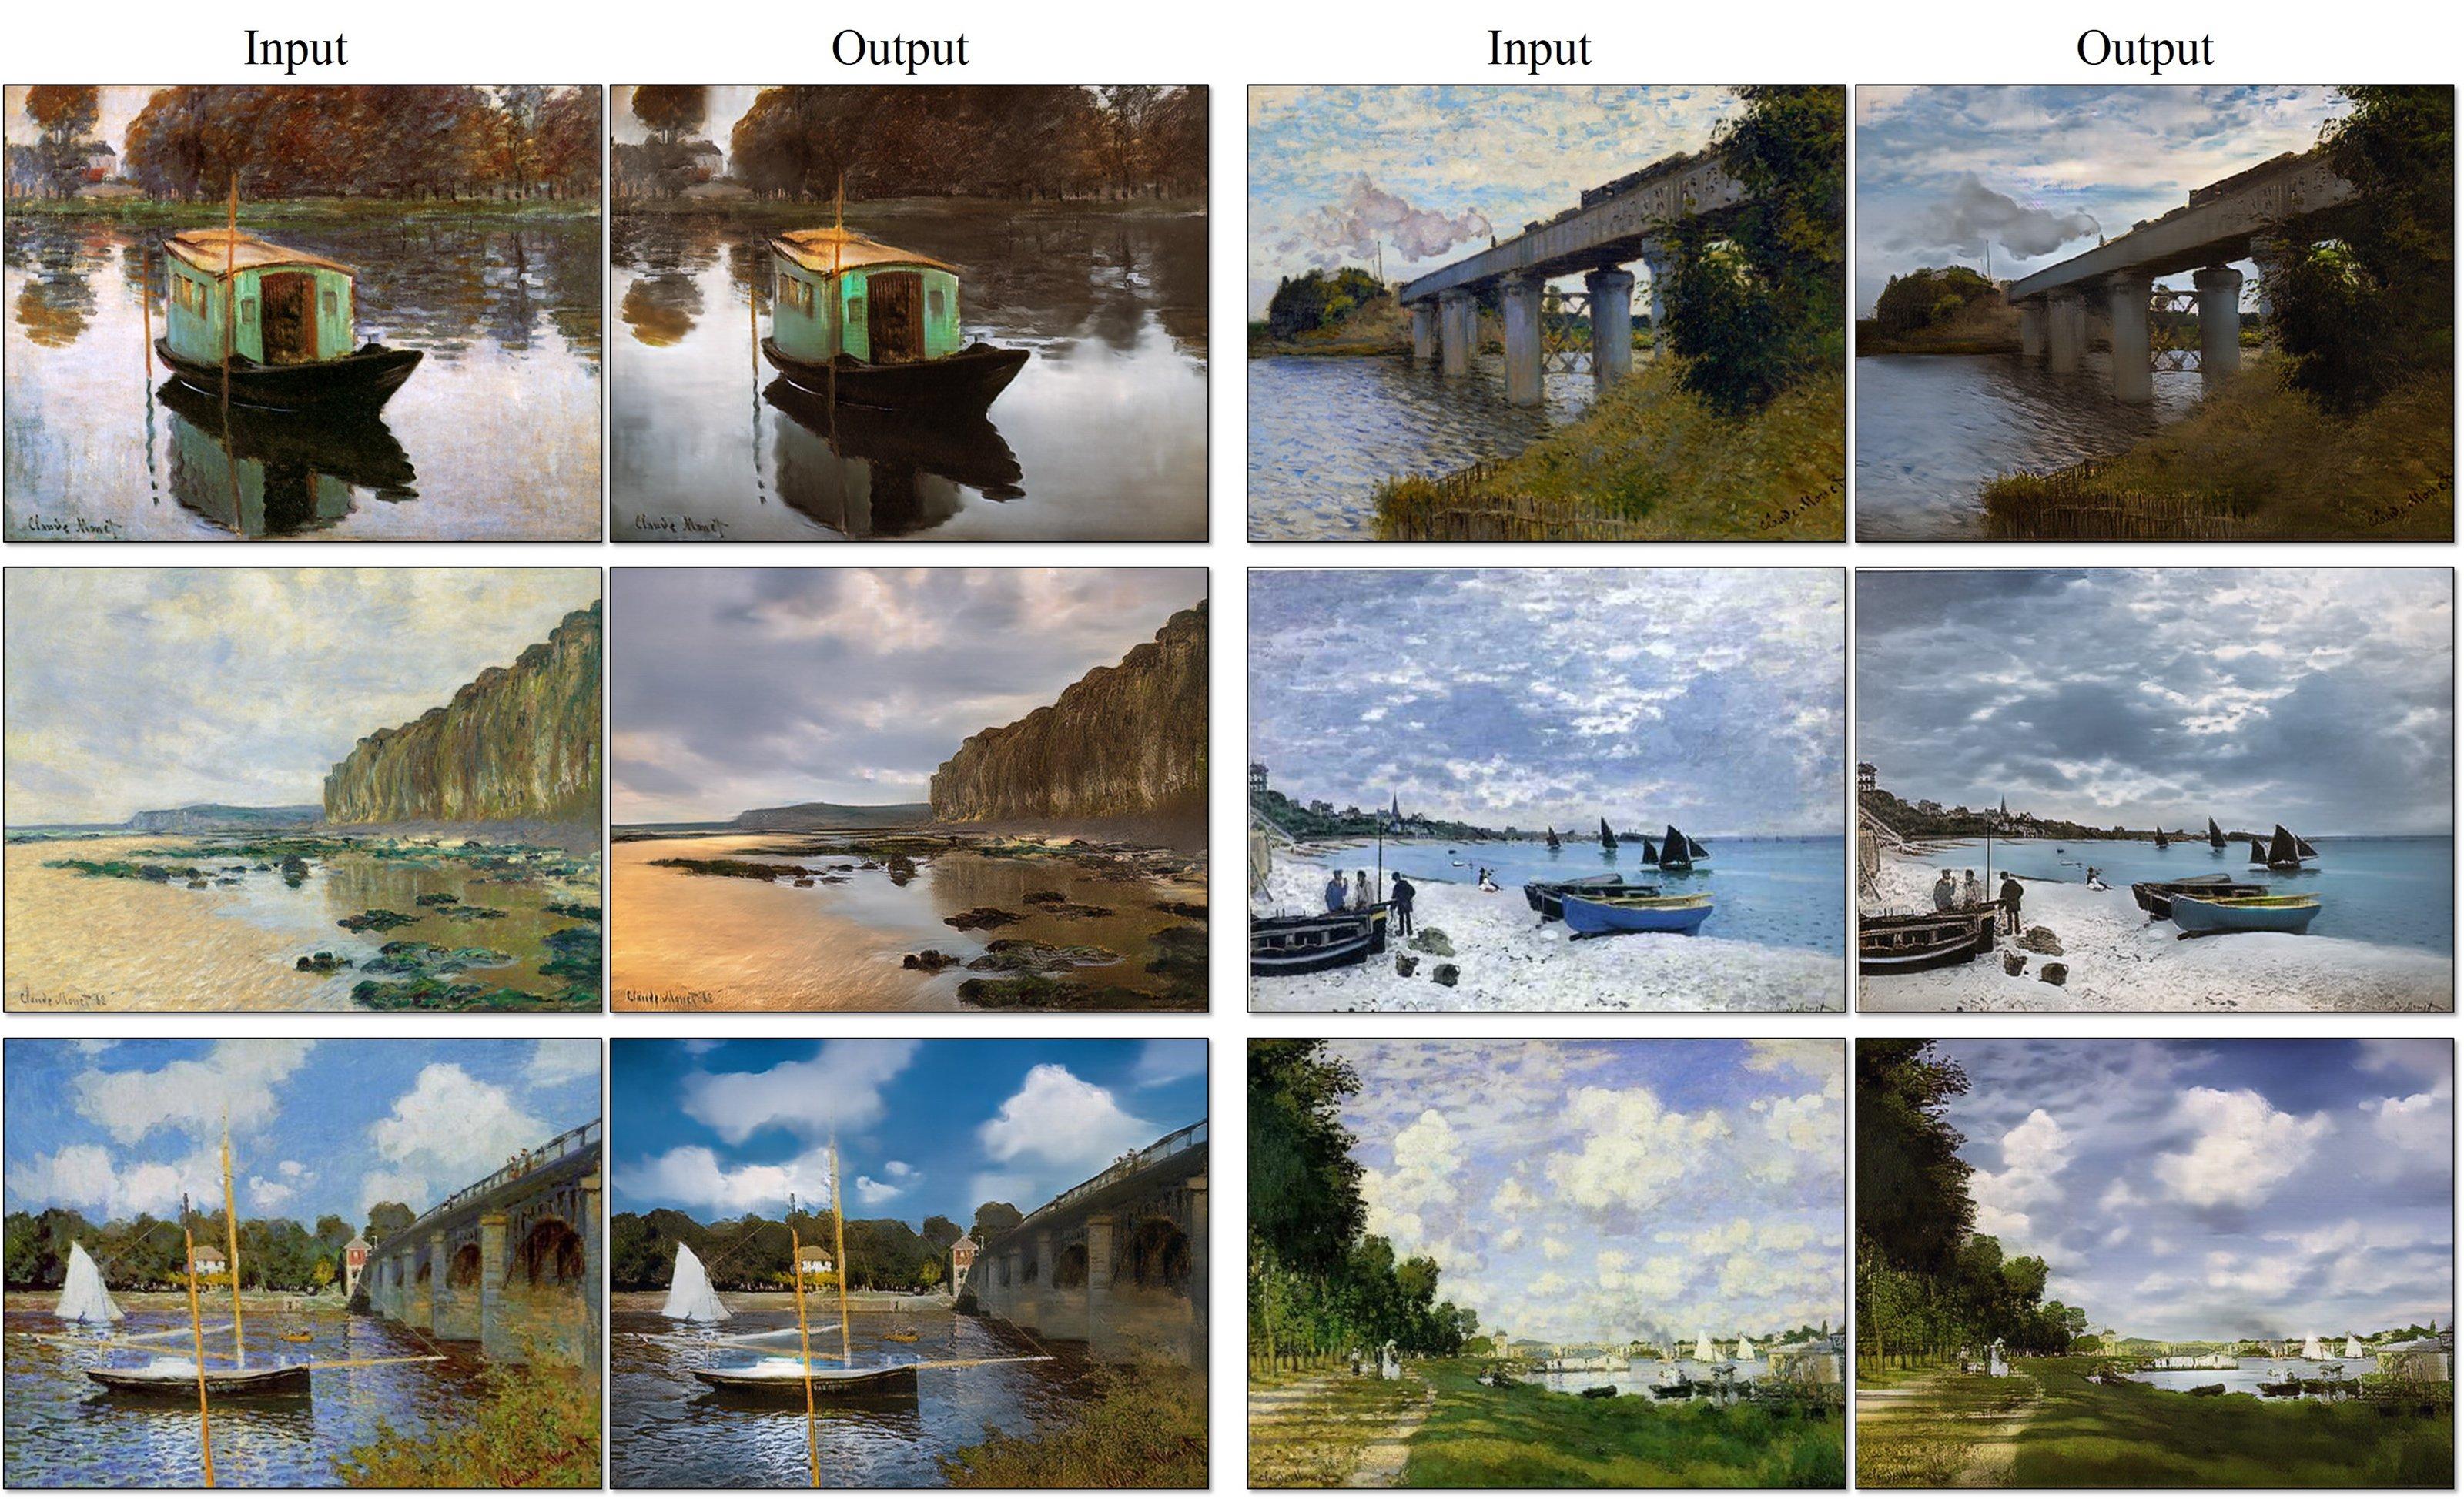 O Prisma reverso: veja a IA que transforma quadros de Monet em fotos reais